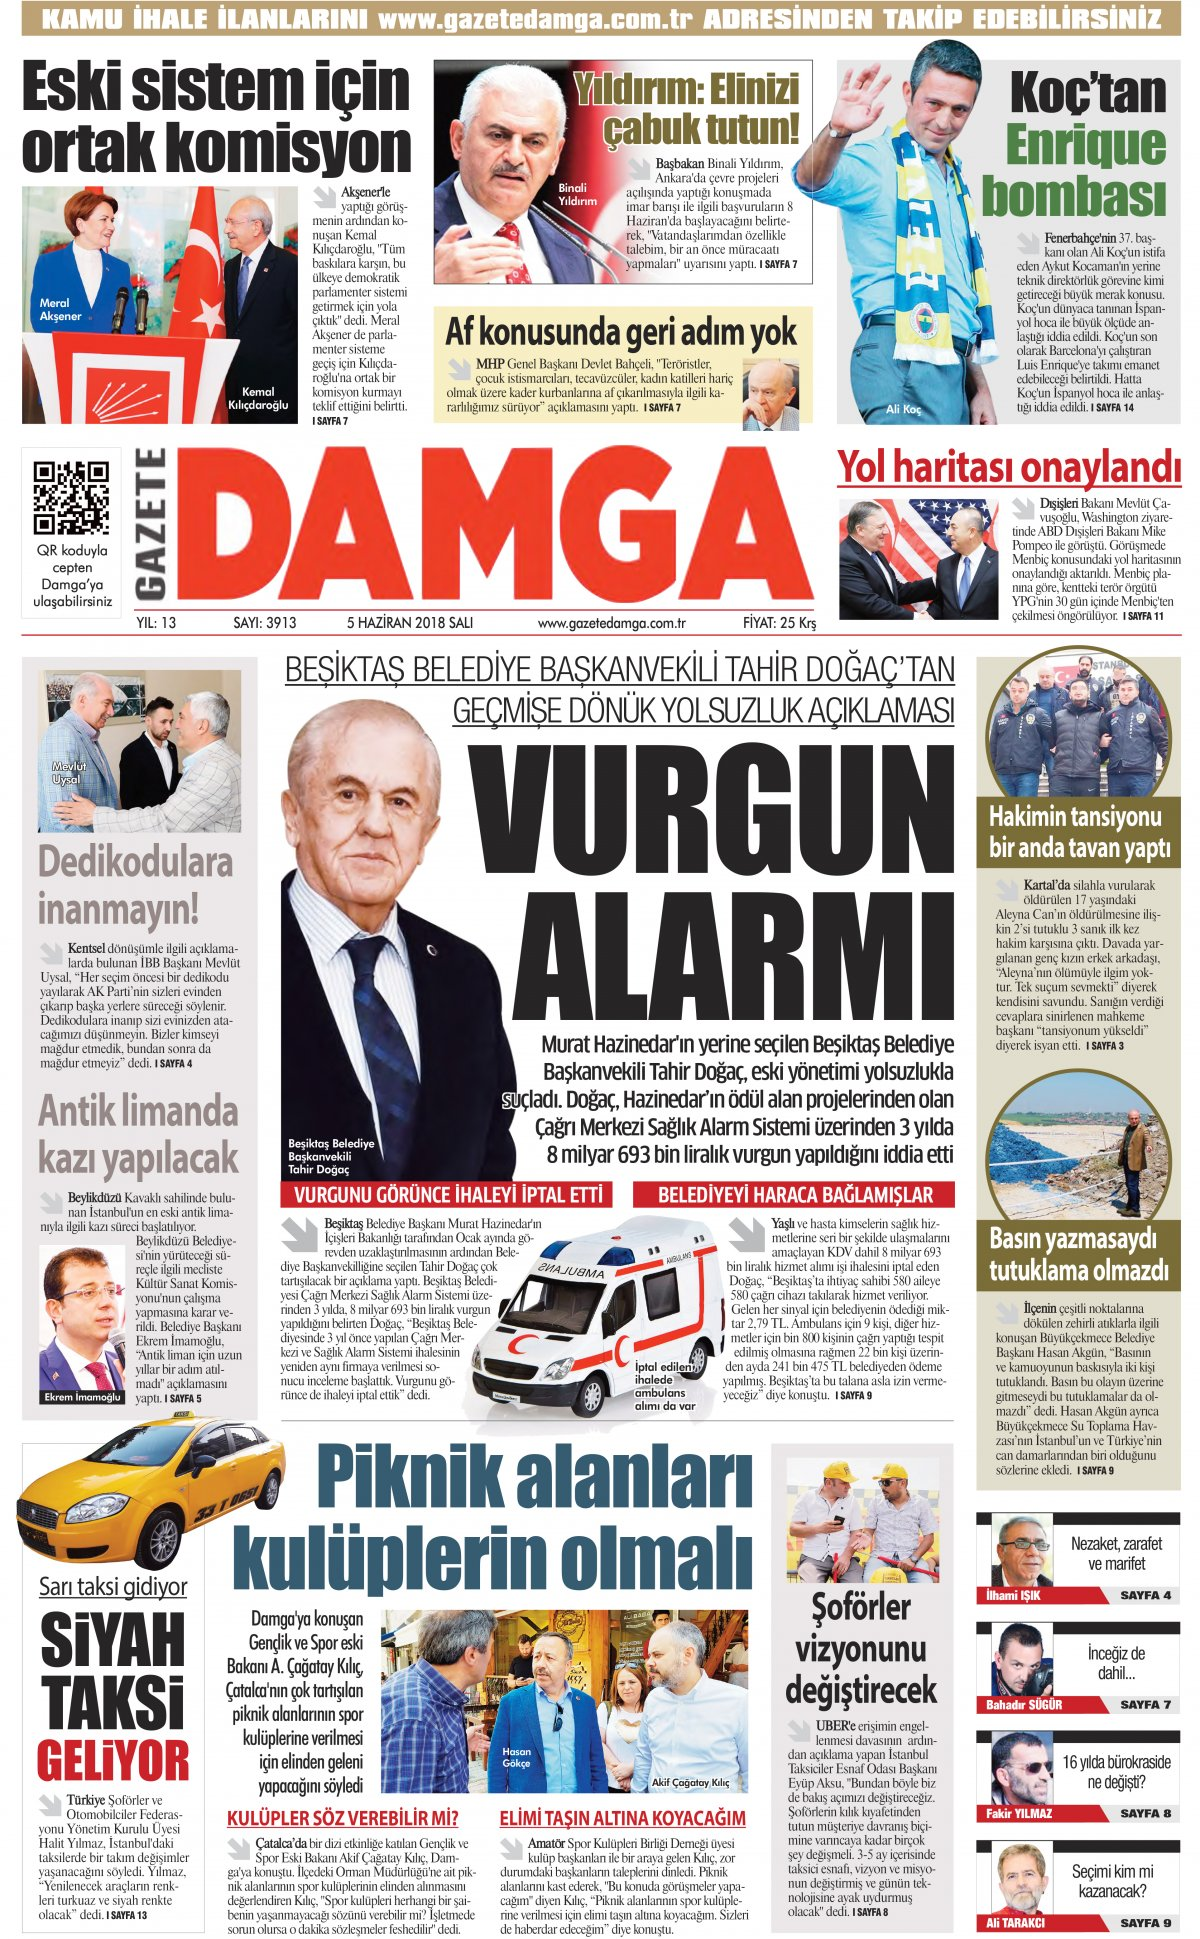 Gazete Damga - 01.07.2018 Manşeti